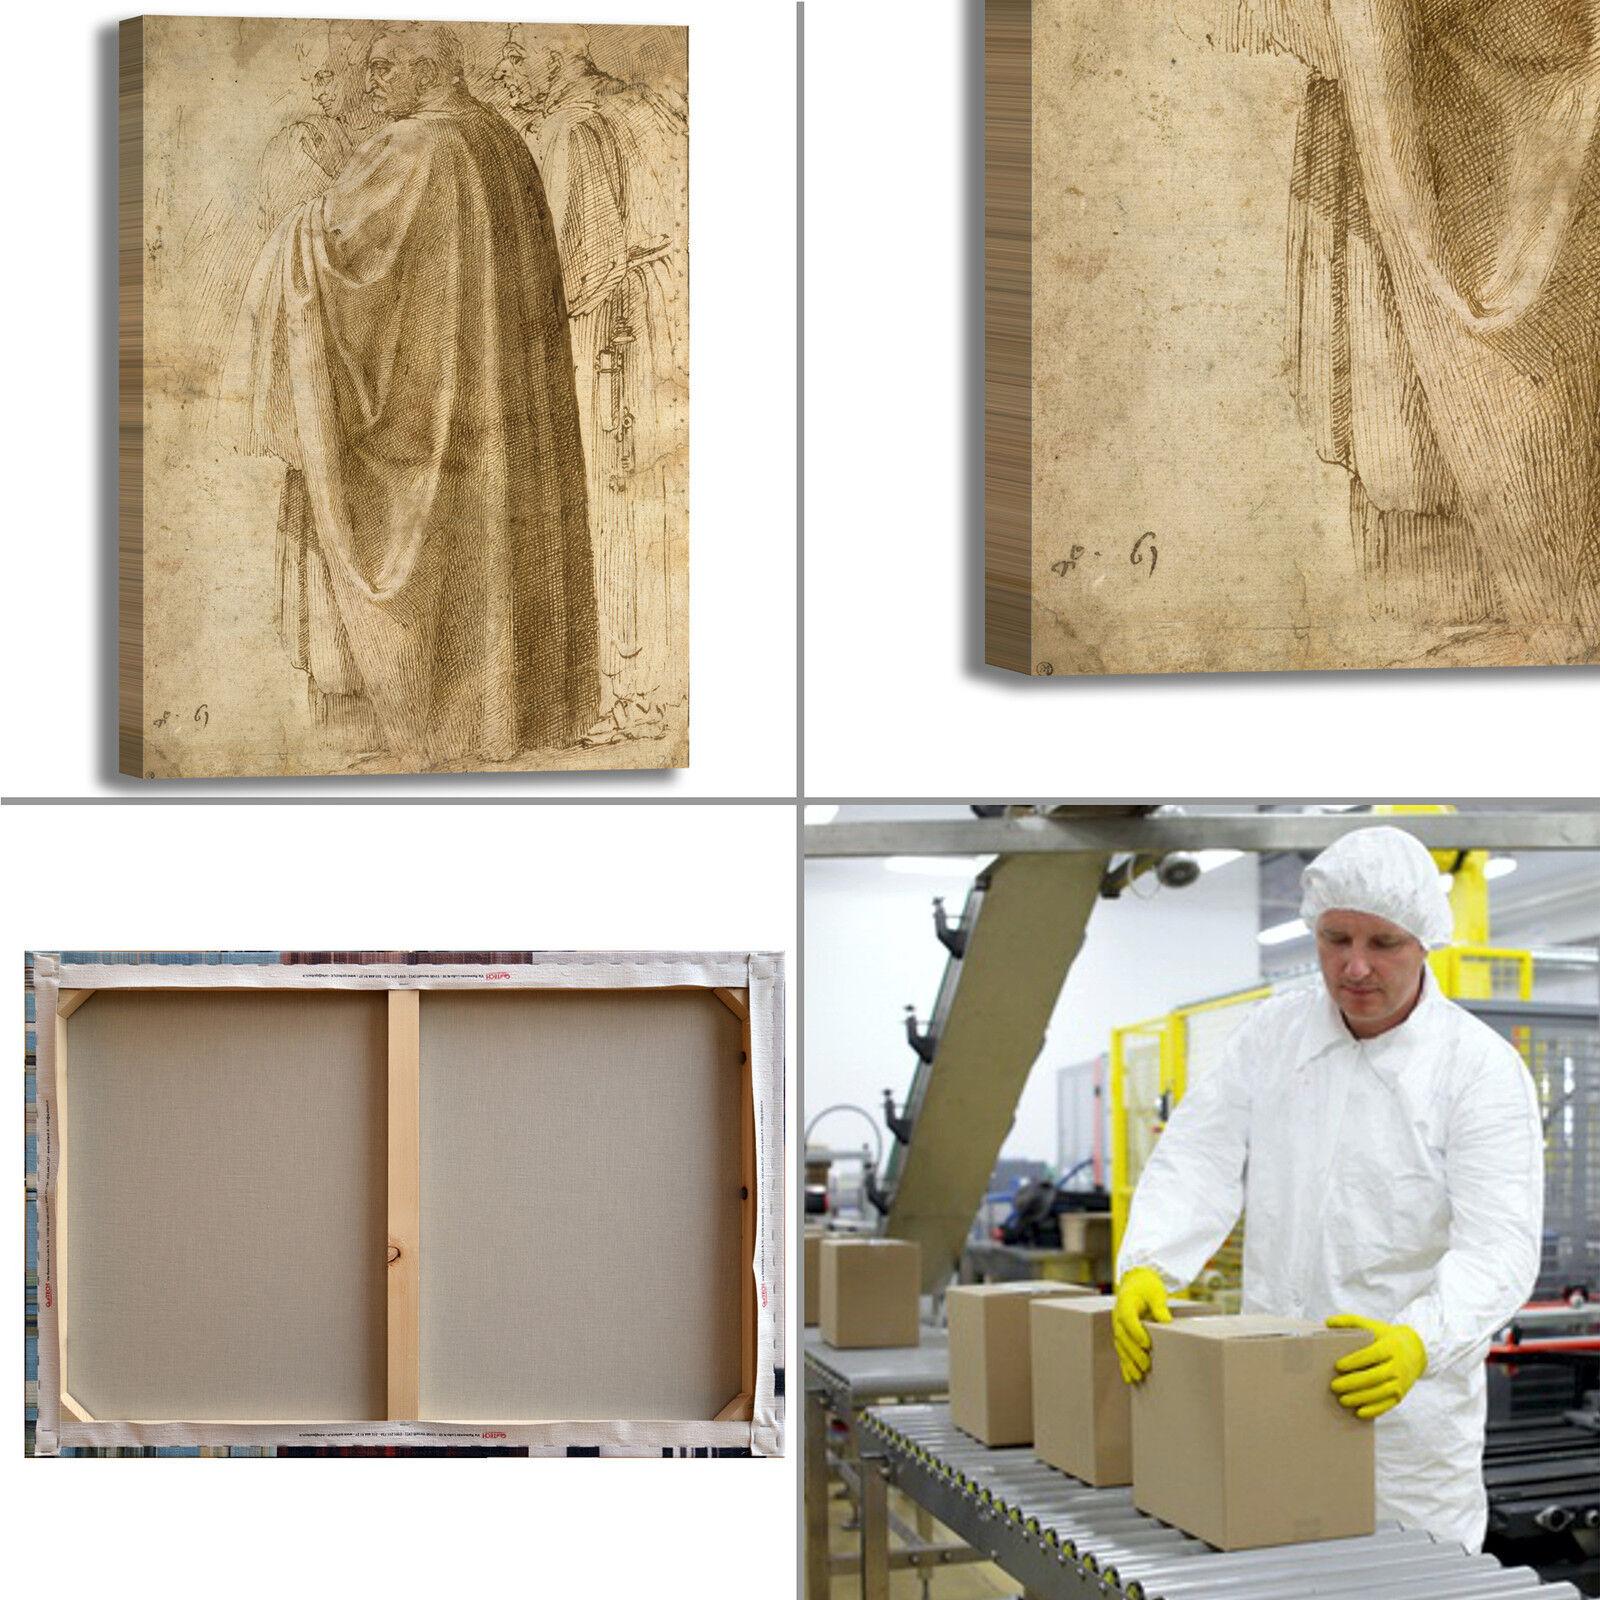 Michelangelo uomini in piedi quadro stampa tela dipinto telaio telaio telaio arrossoo casa e5fad8